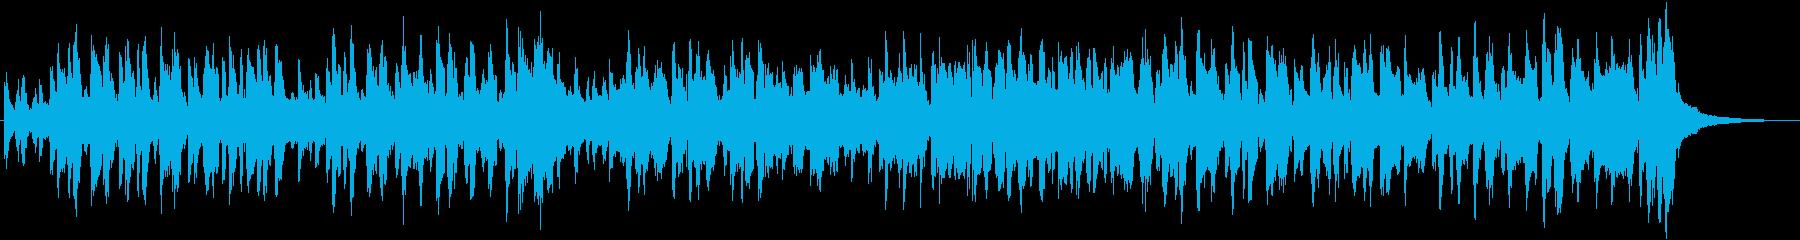 なめこをテーマにした楽曲の再生済みの波形